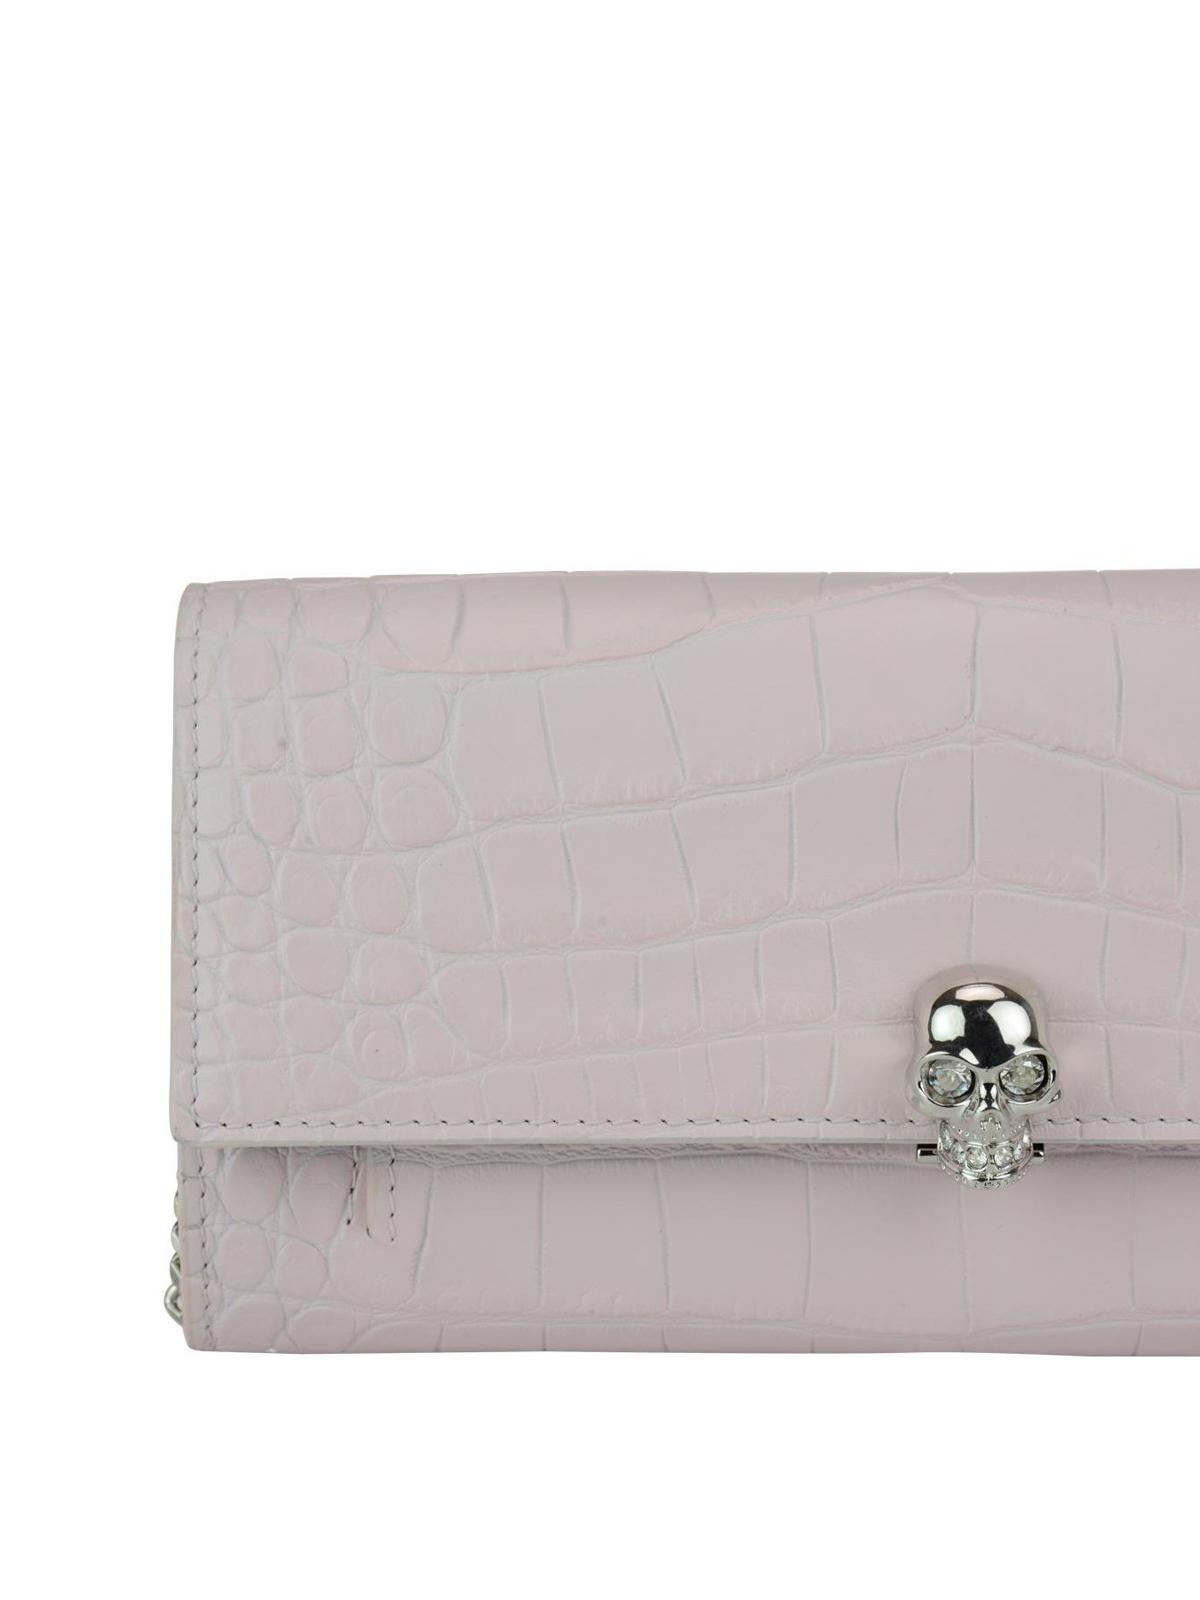 Alexander McQueen Croco print leather wallet clutch XTzpg